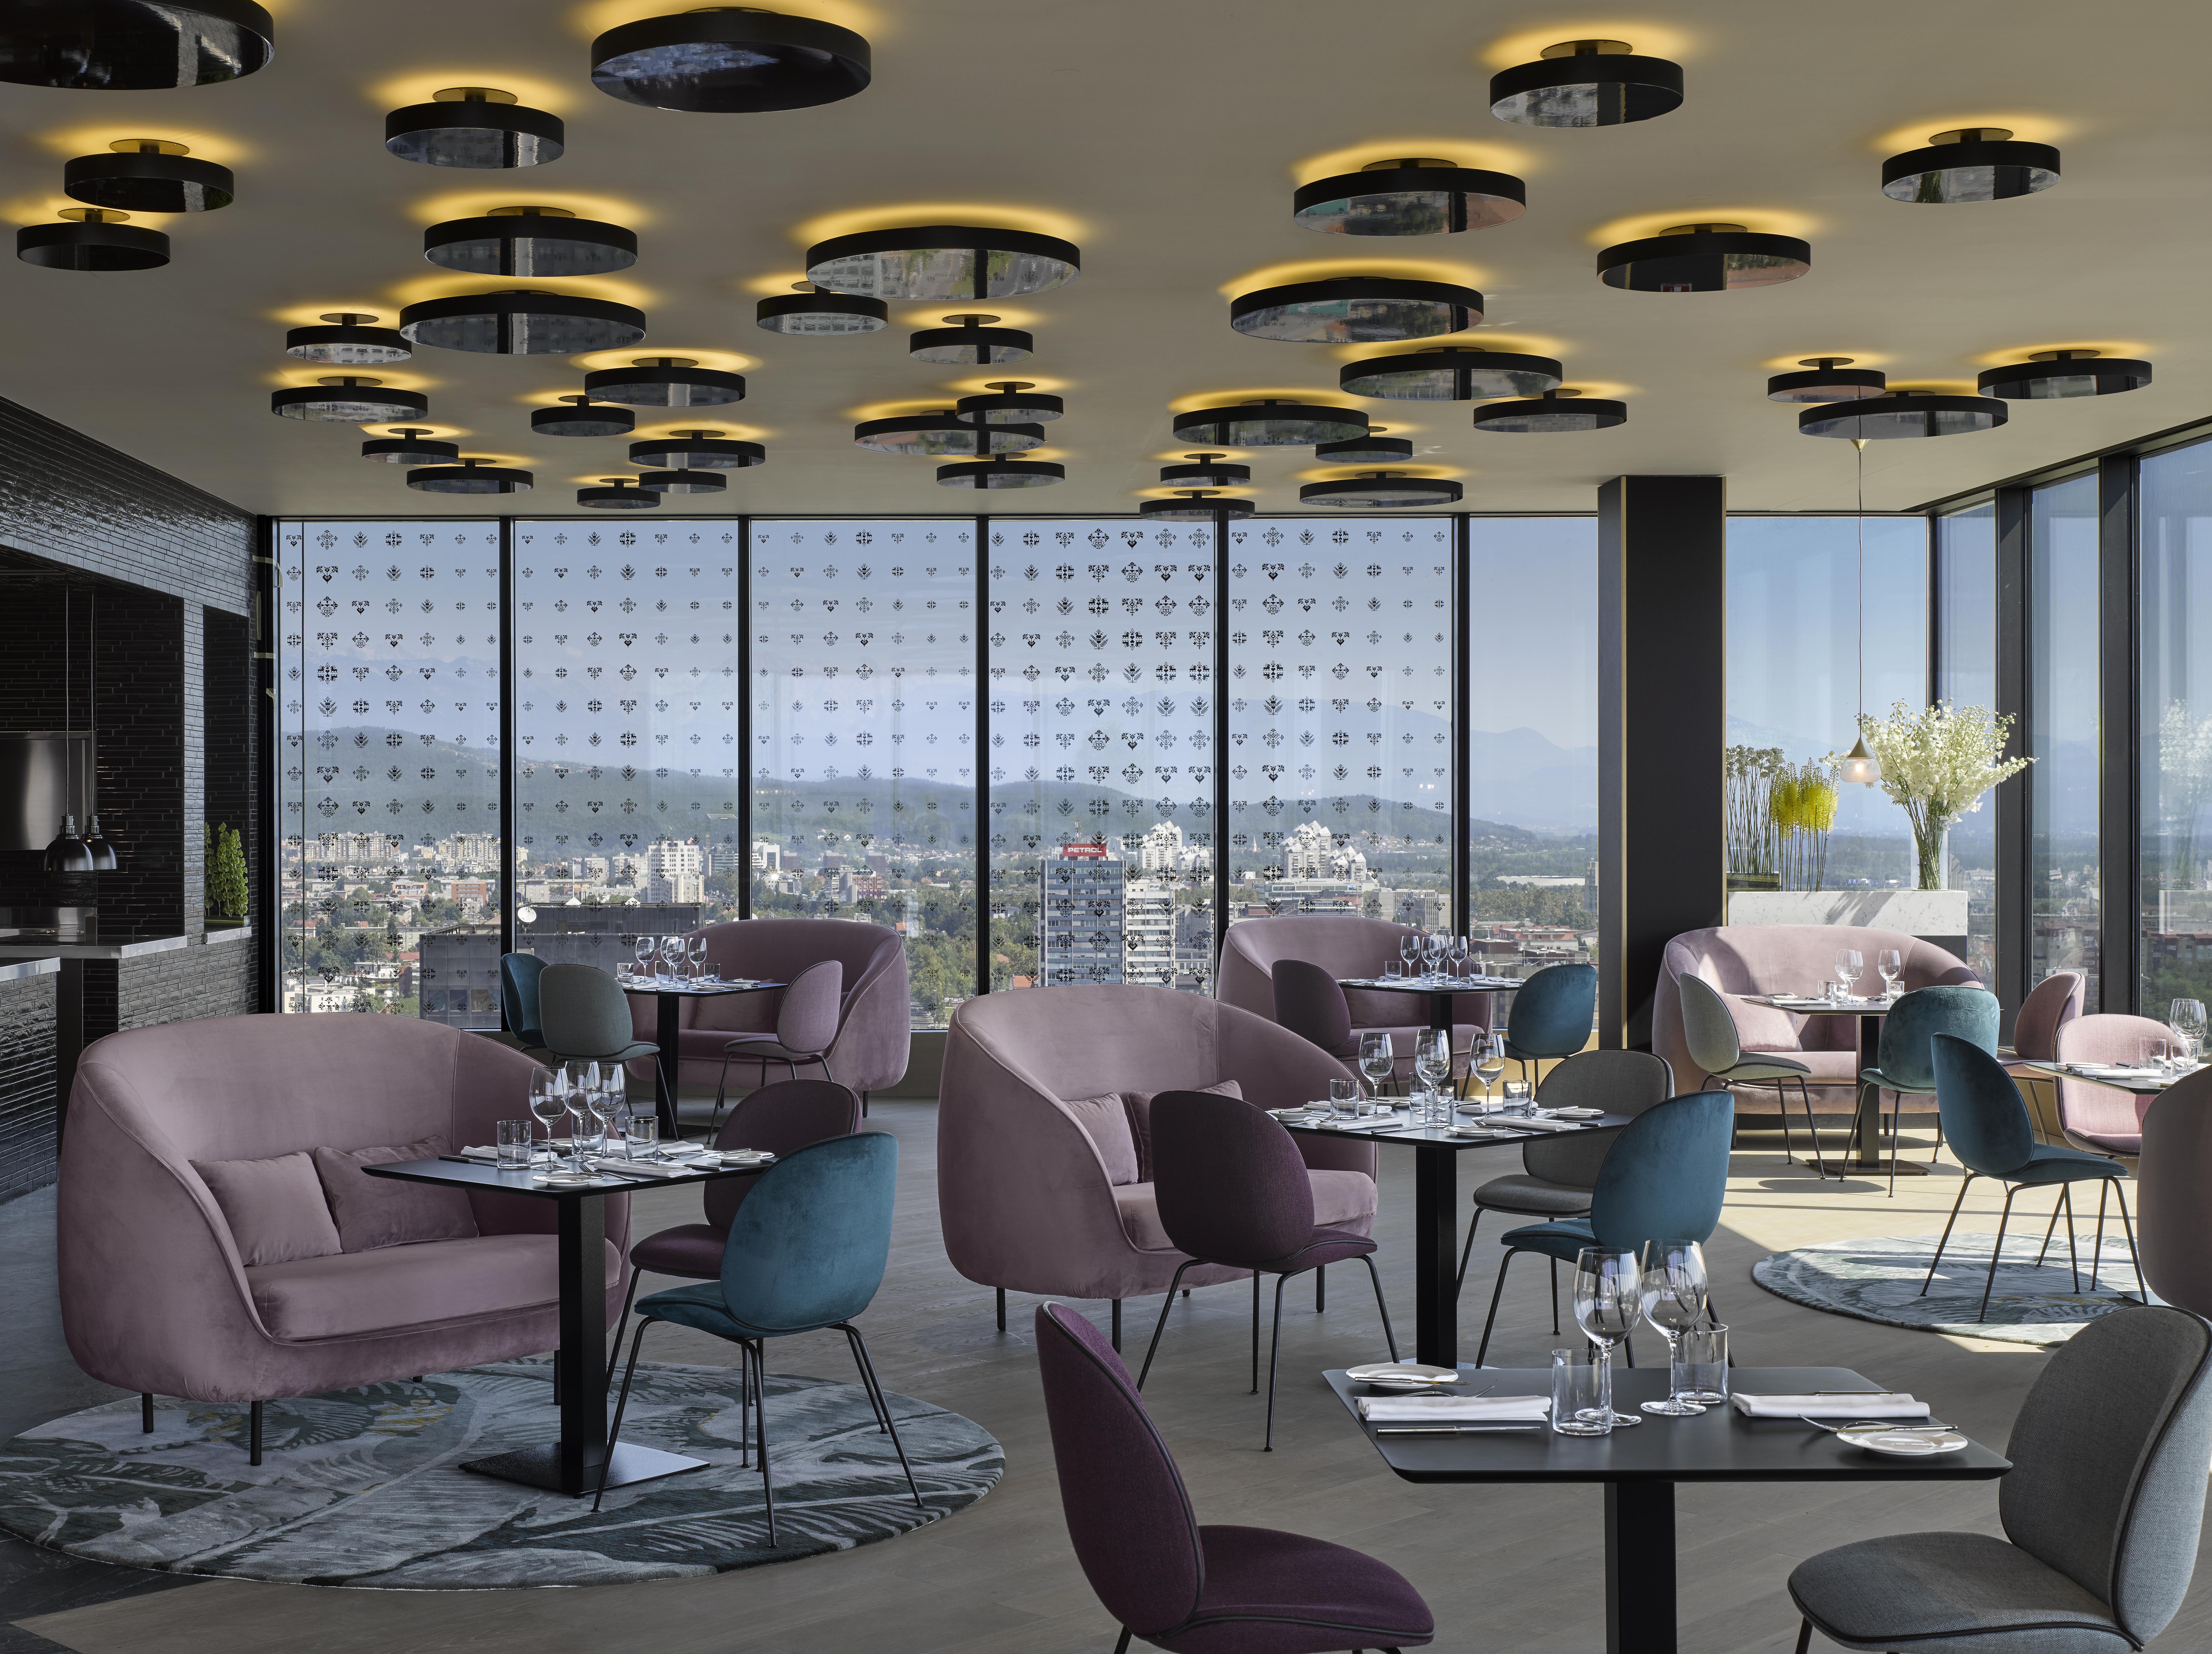 Intercontinental-ljubljana-restaurant